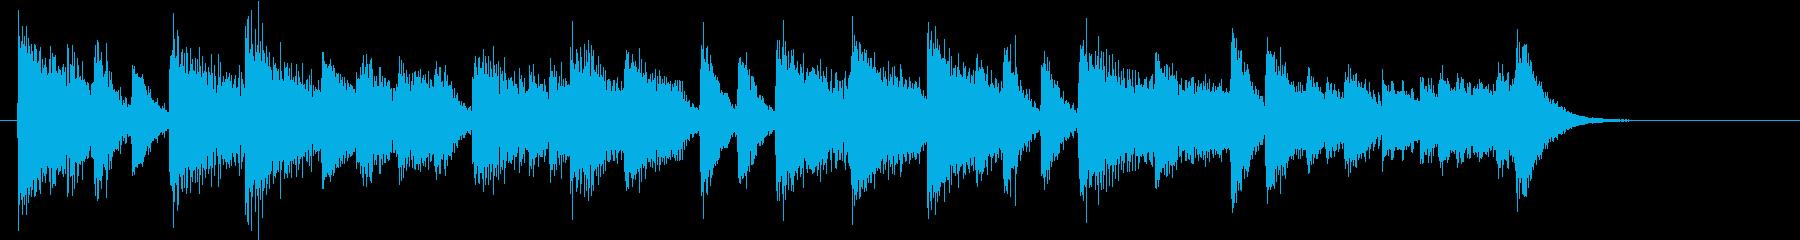 童謡・紅葉モチーフのピアノジングルBの再生済みの波形